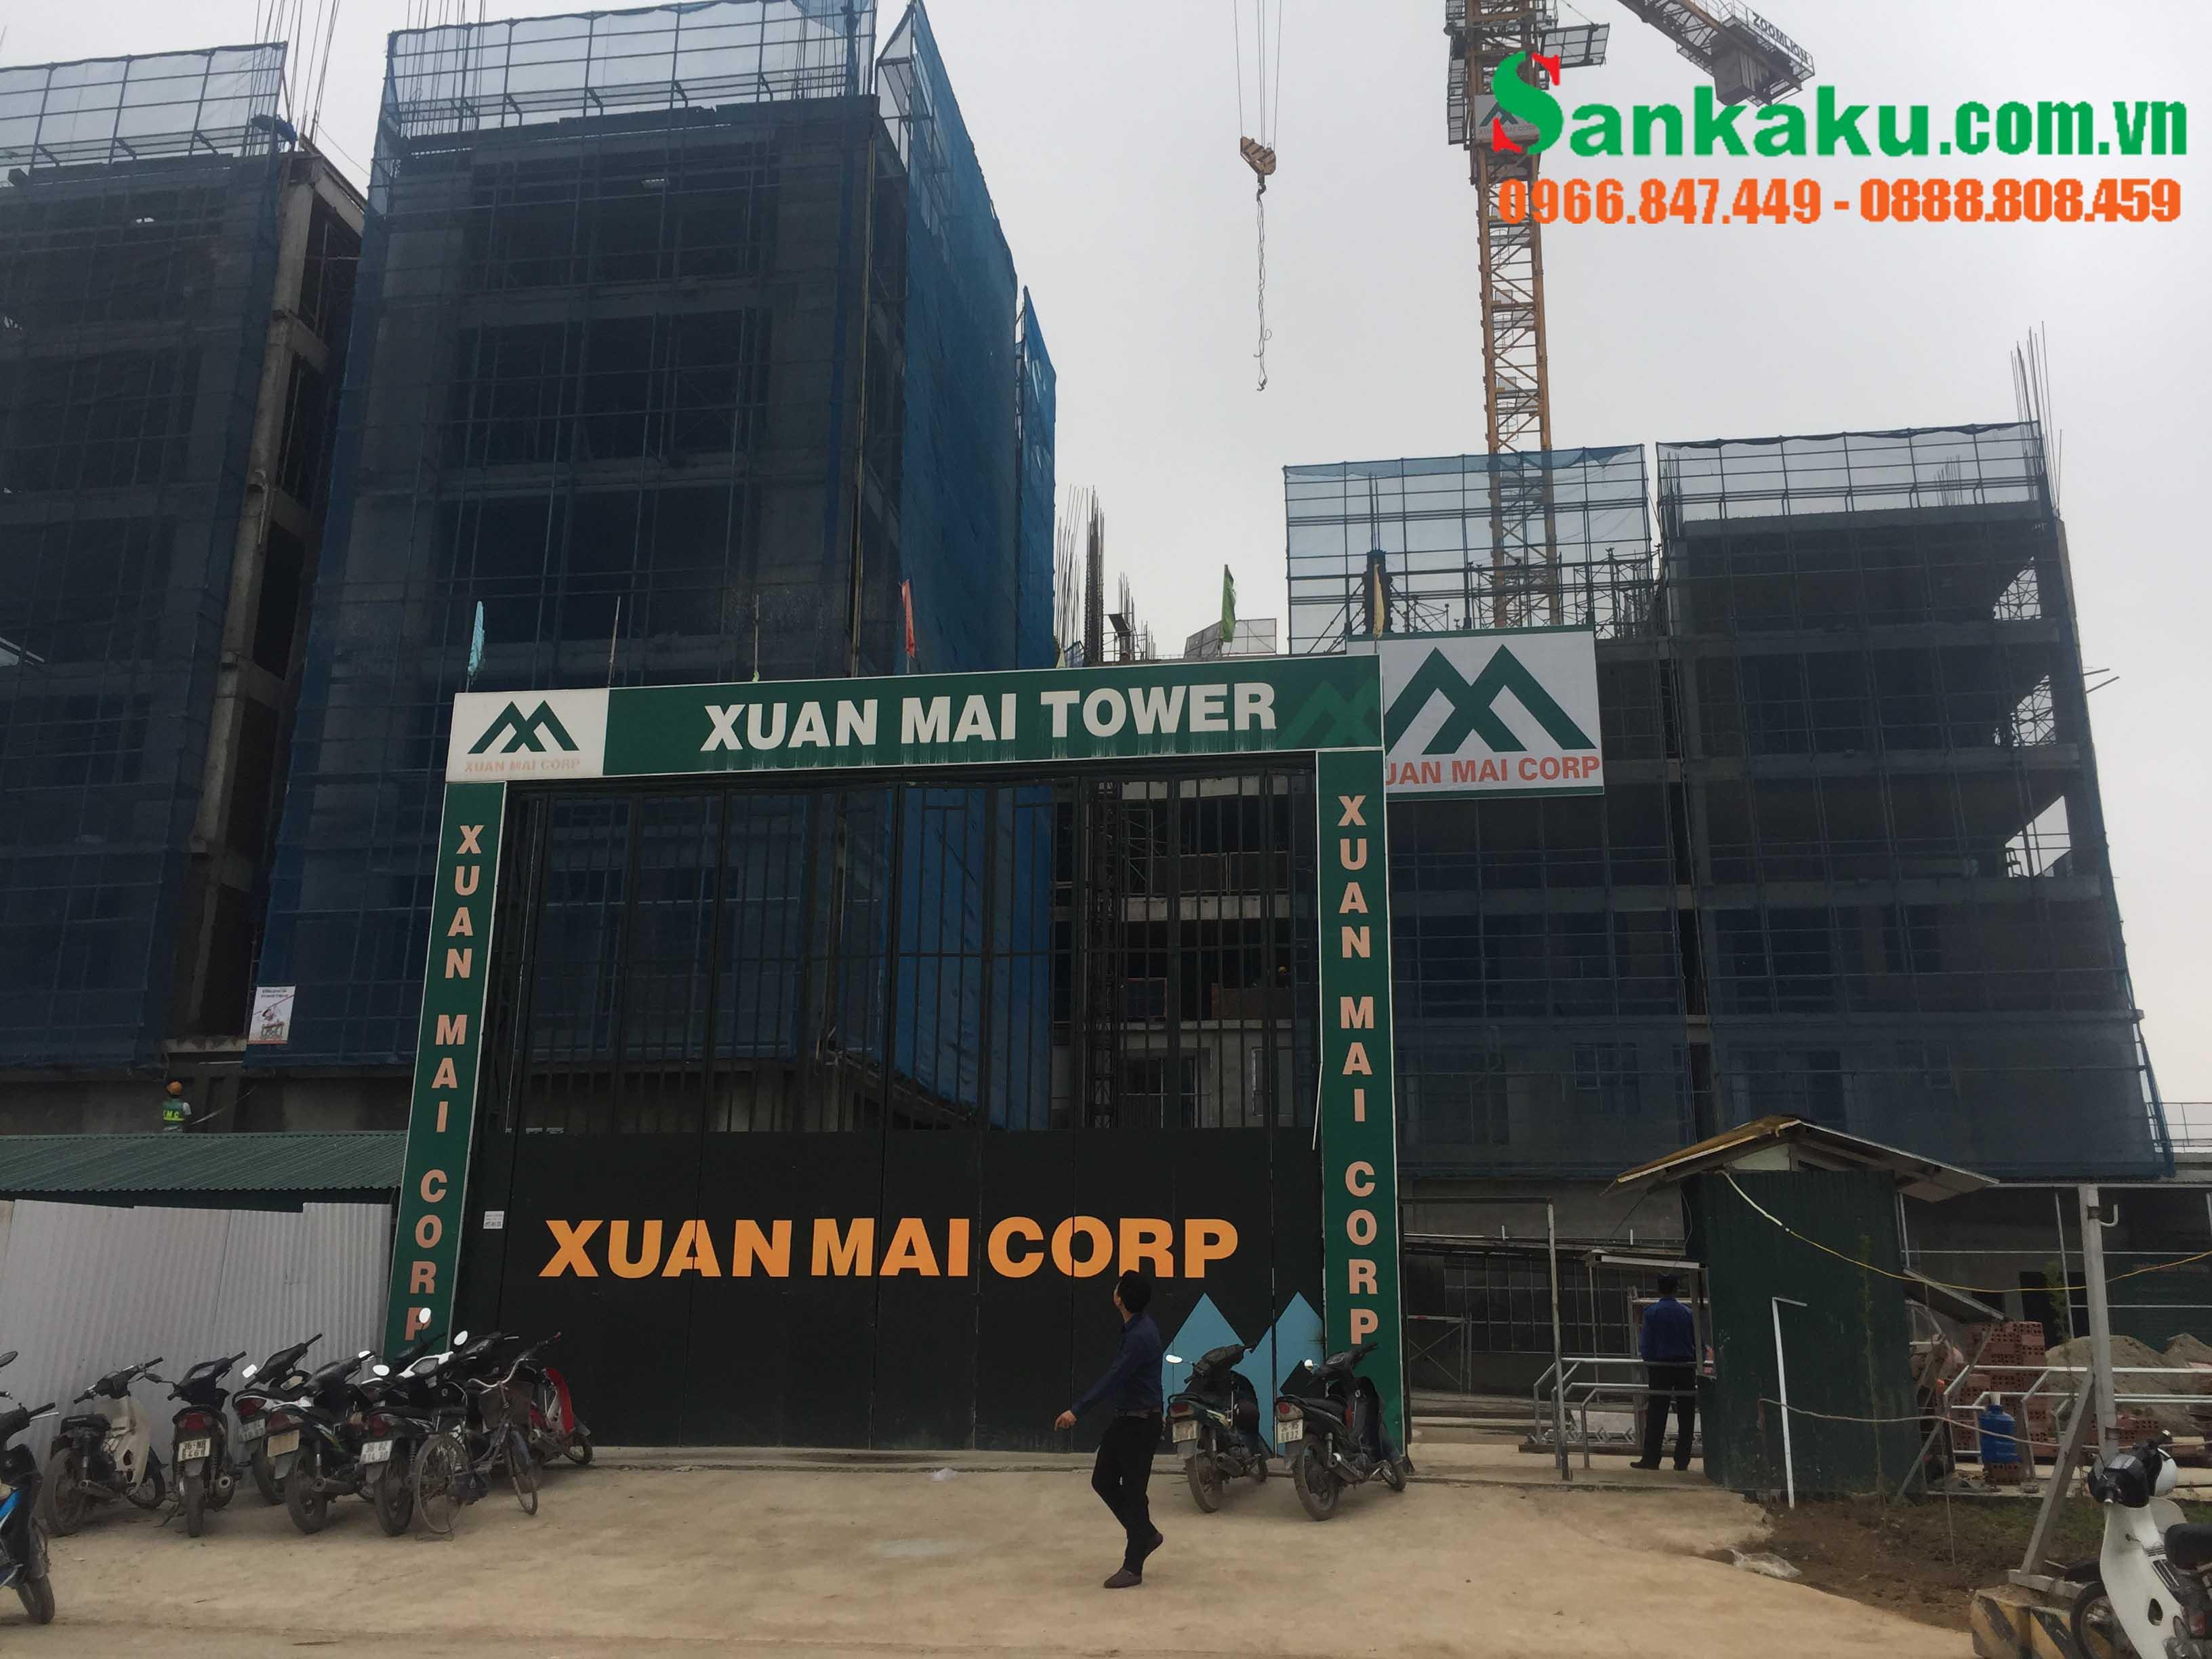 Lắp đặt rèm căn hộ tại Xuân Mai Tower - Thanh Hóa